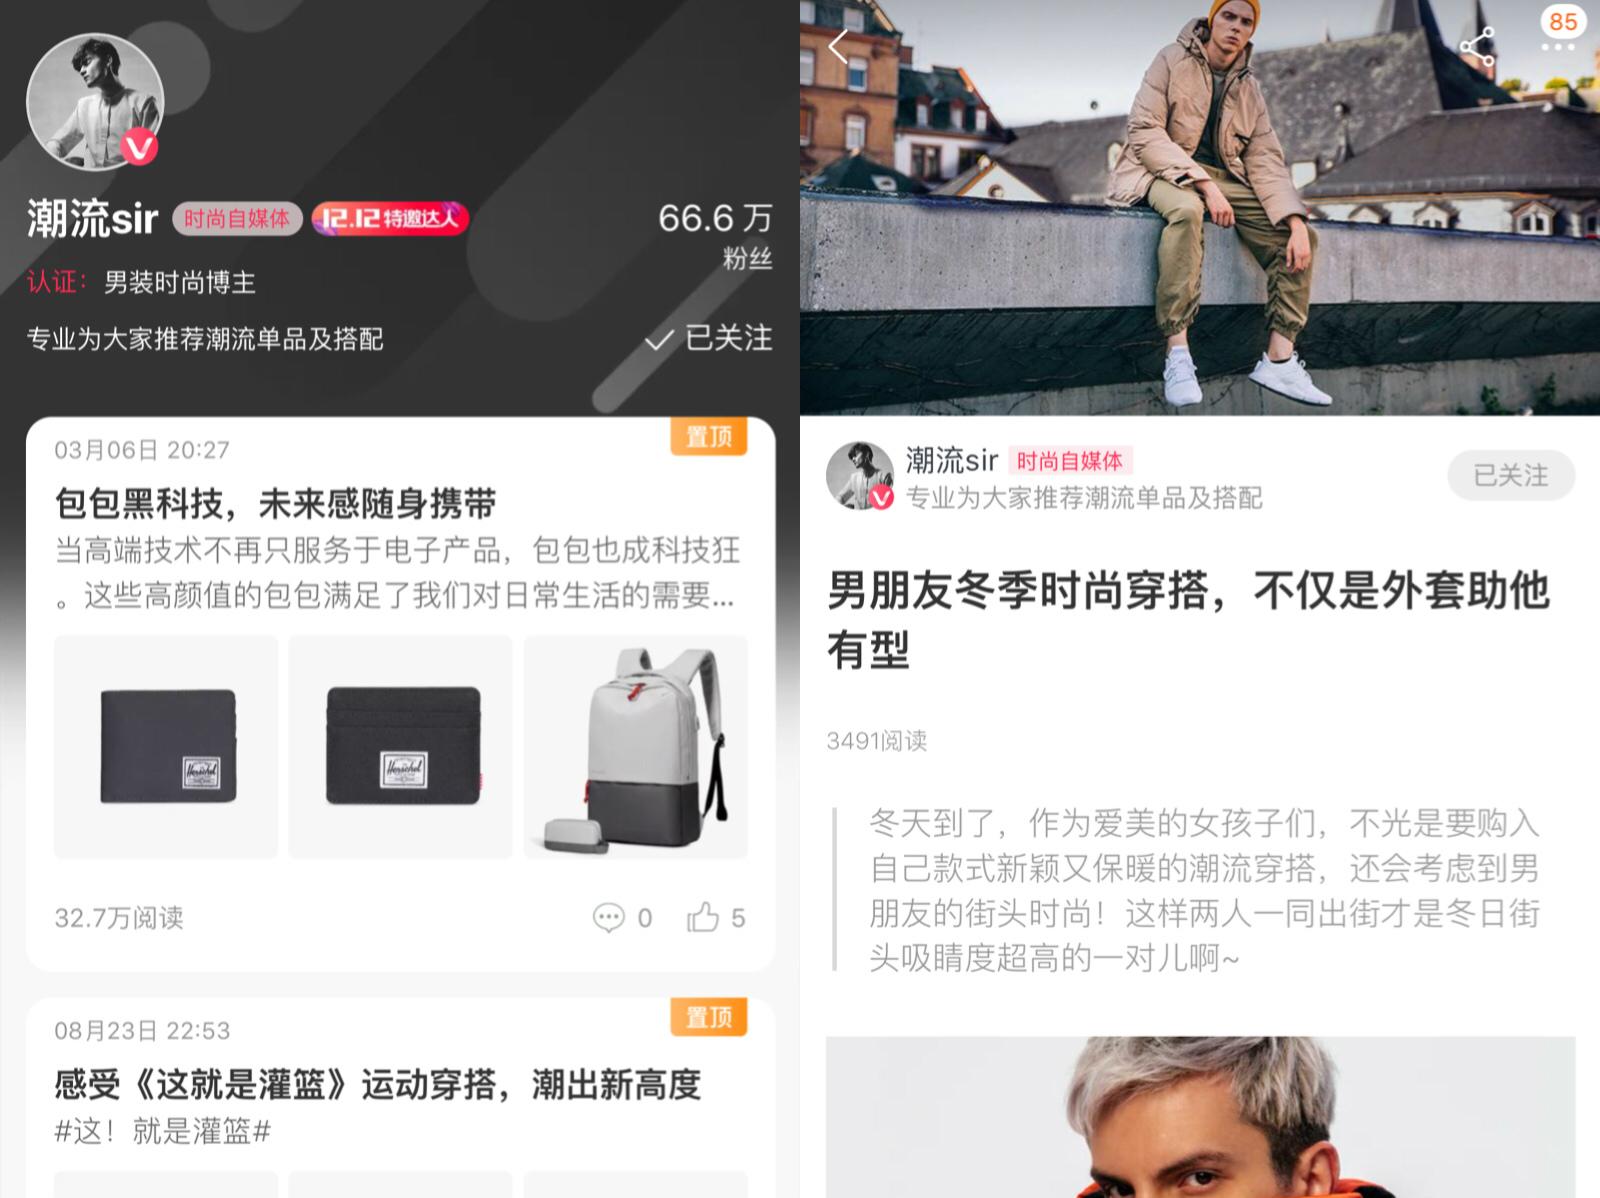 图4 达人在微淘上可以发布图文内容,分享自己的时尚经_meitu_1